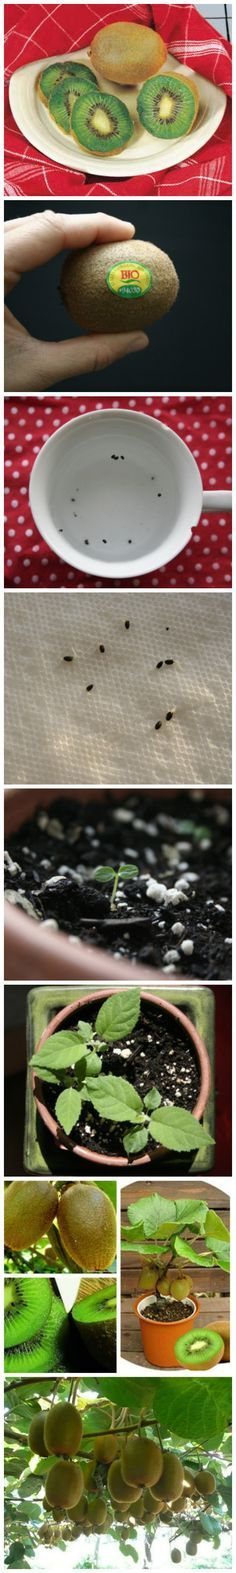 Como germinar plantas de kiwi - DIY